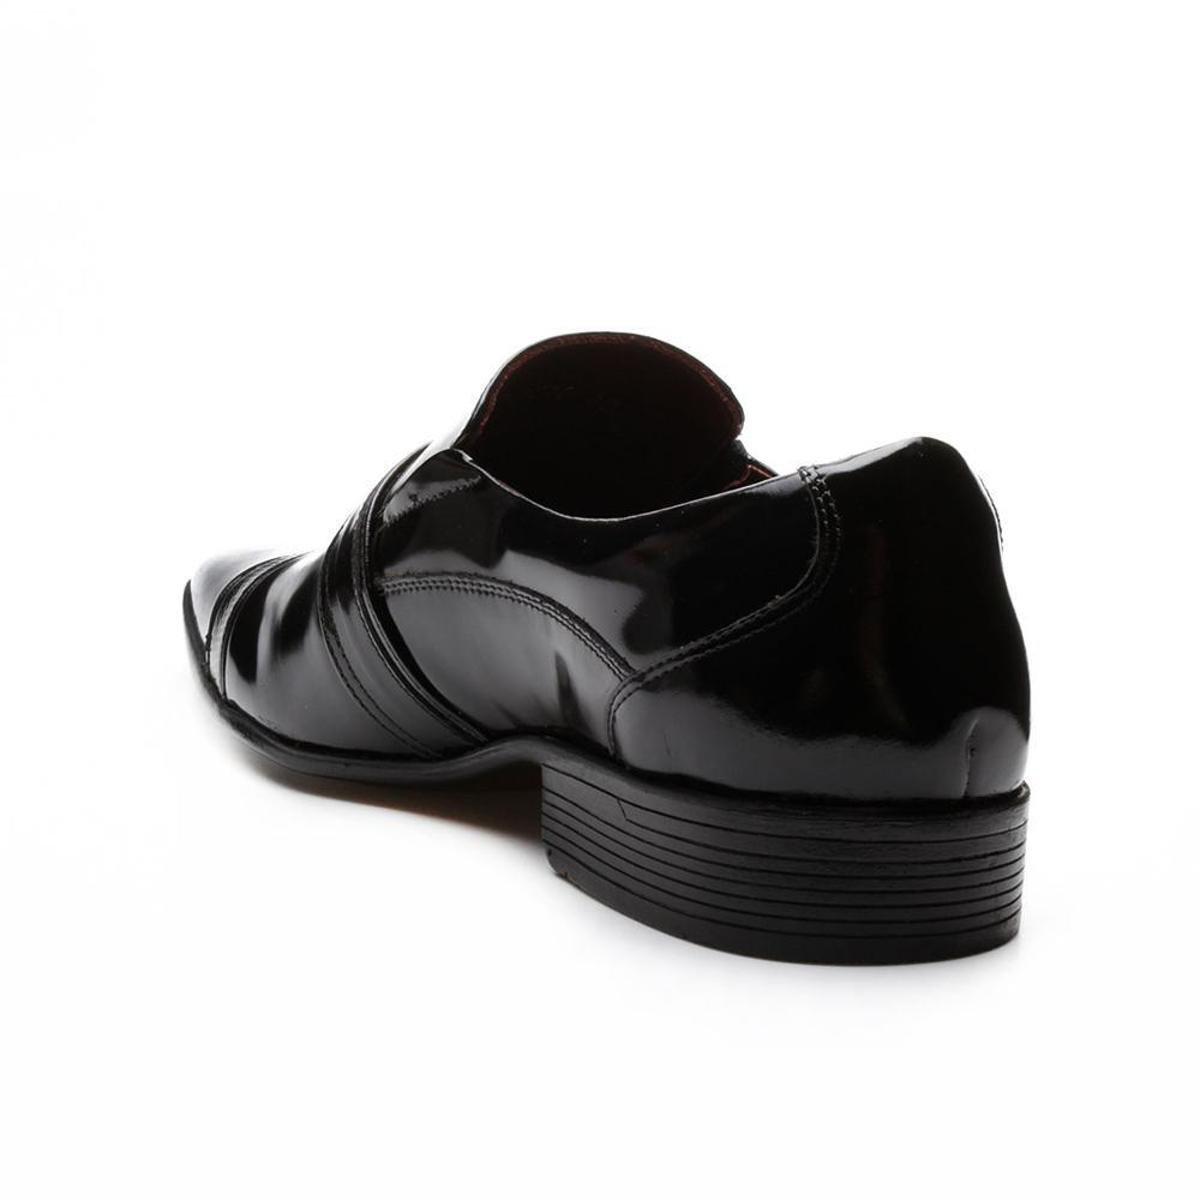 Sapato Sapato 11078CO 11078CO Gofer 11078CO Preto Gofer Preto Sapato Gofer Preto Sapato SwBOSxq